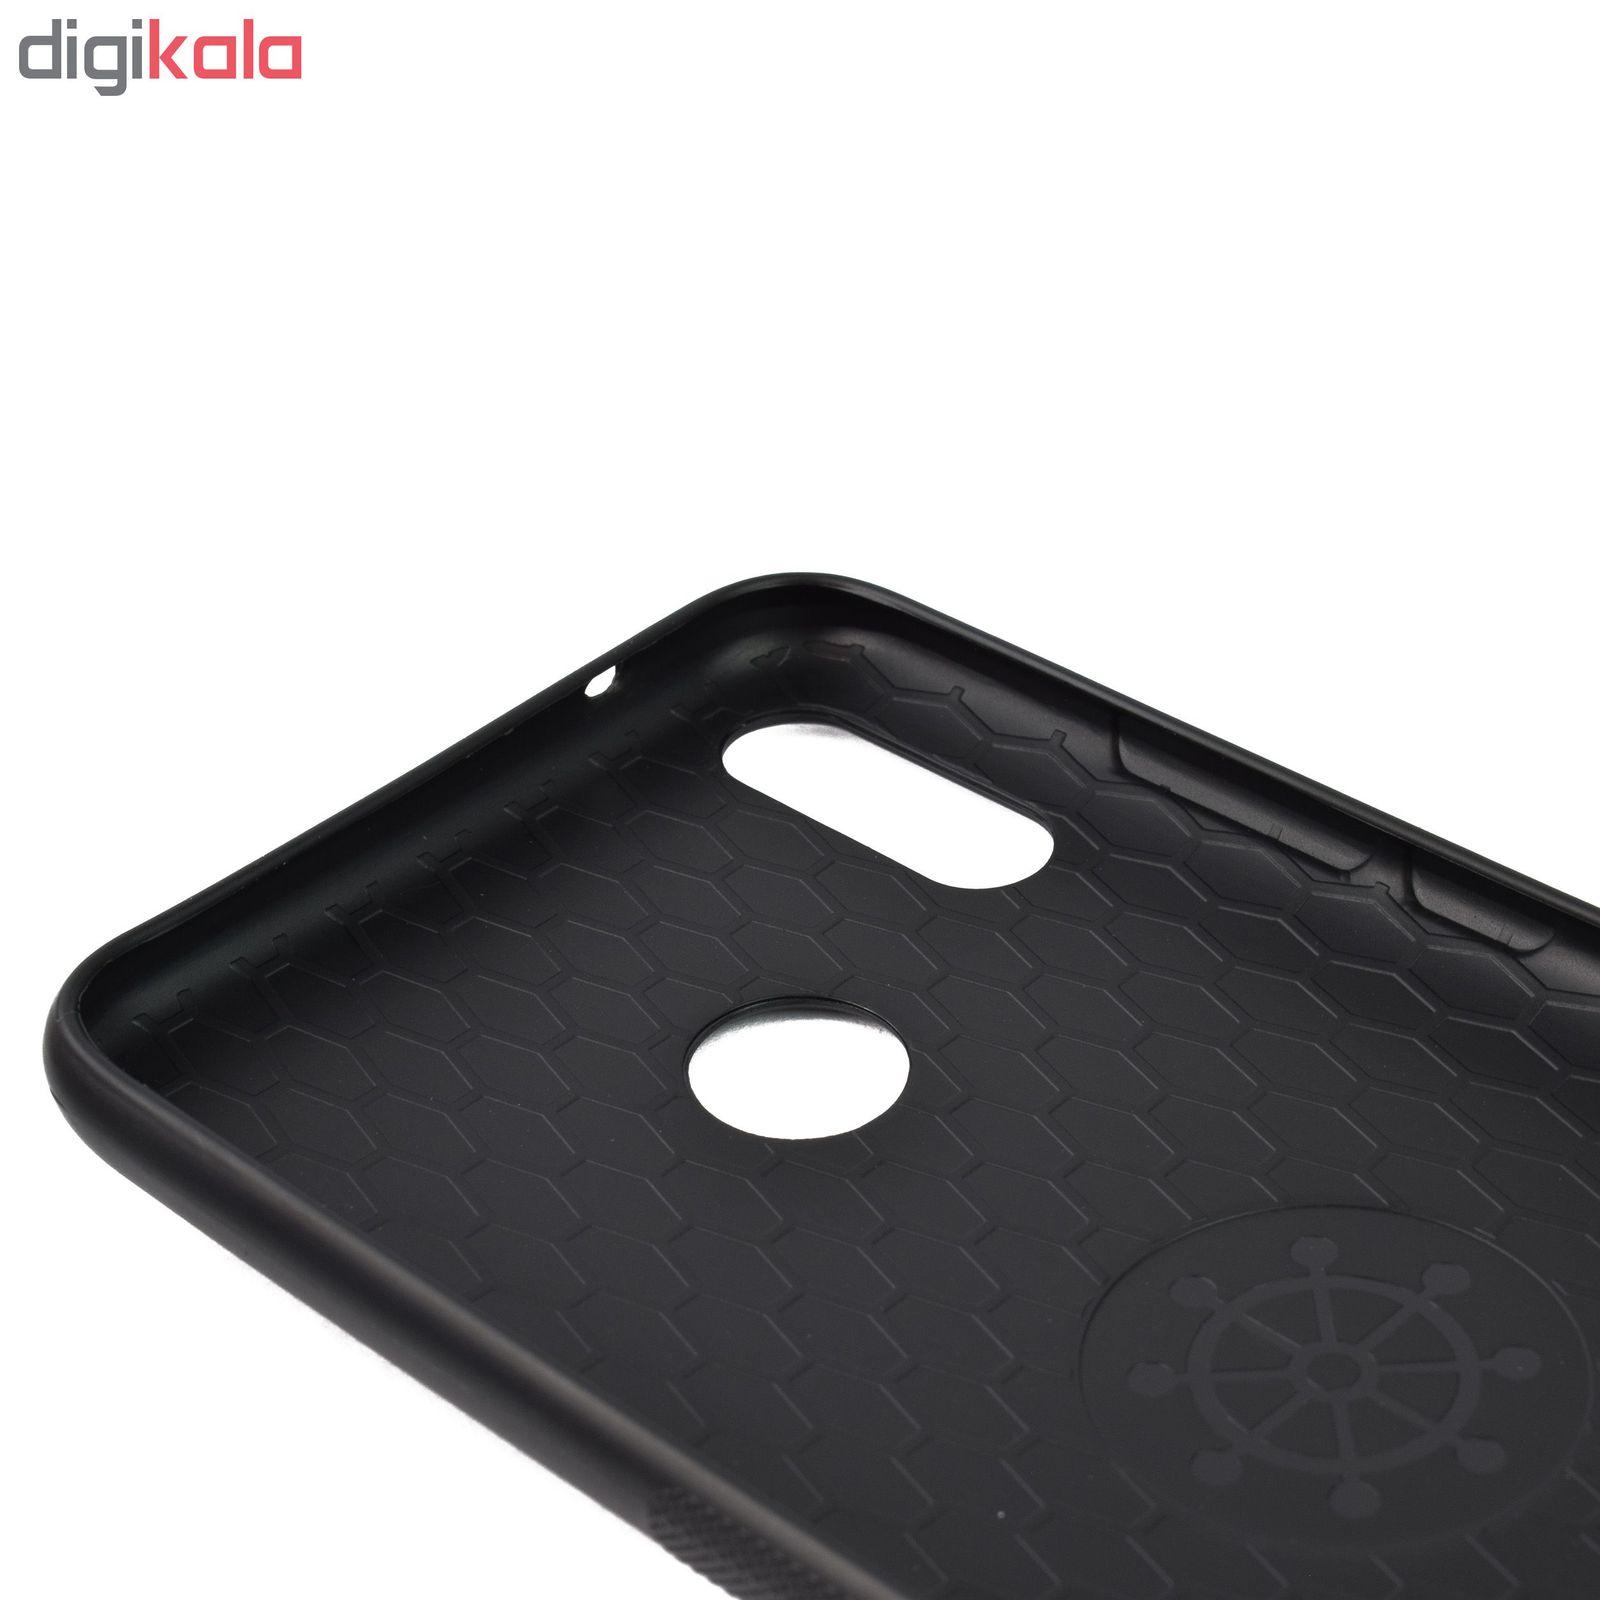 کاور مدل LT10 مناسب برای گوشی موبایل هوآوی Y9 2019 main 1 9